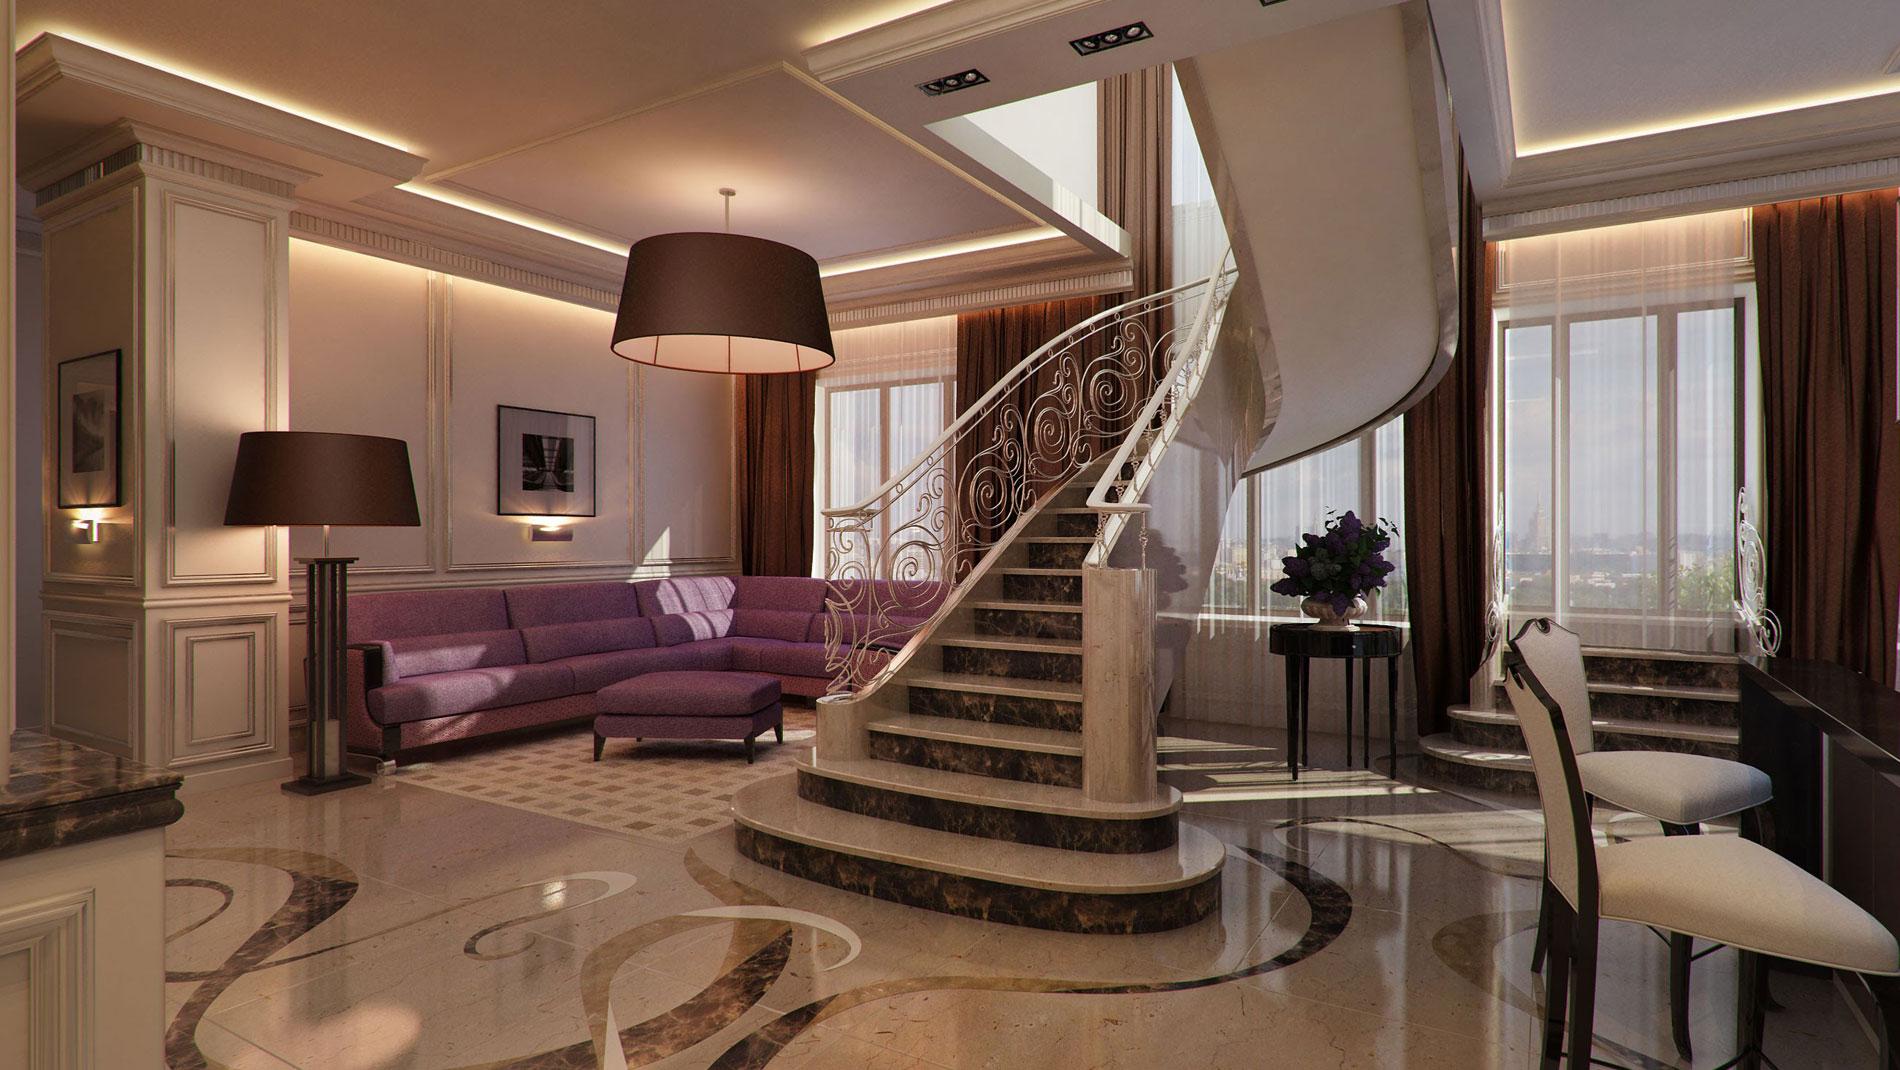 Элитный ремонт квартиры в классическом стиле